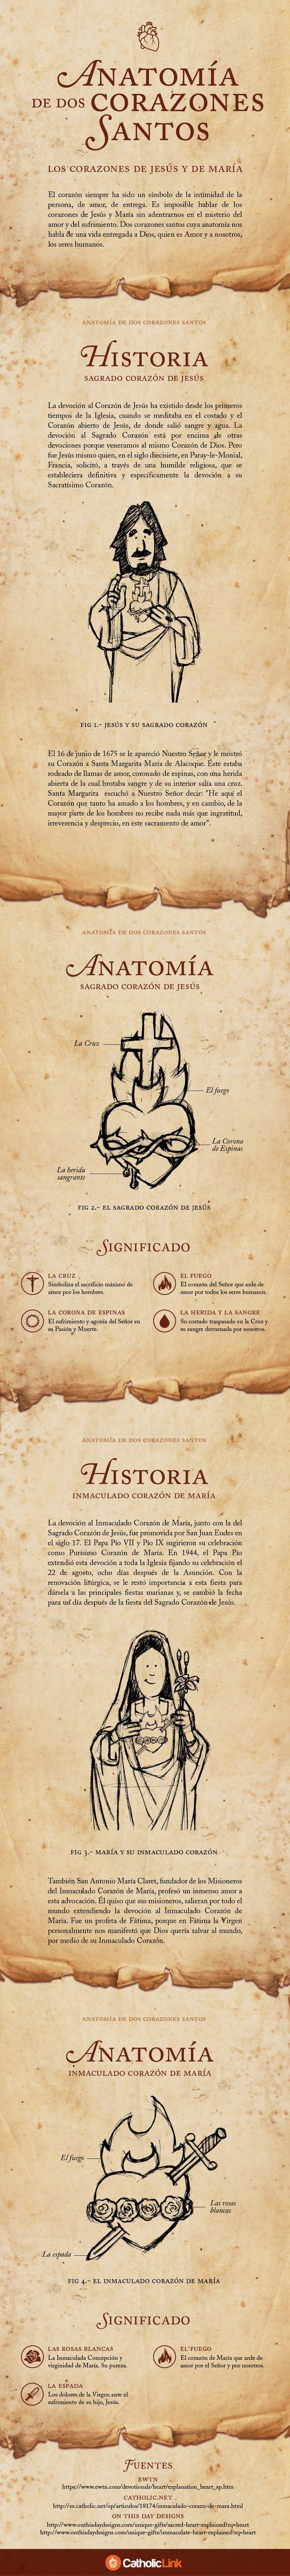 (Infografía) La anatomía de dos corazones santos.